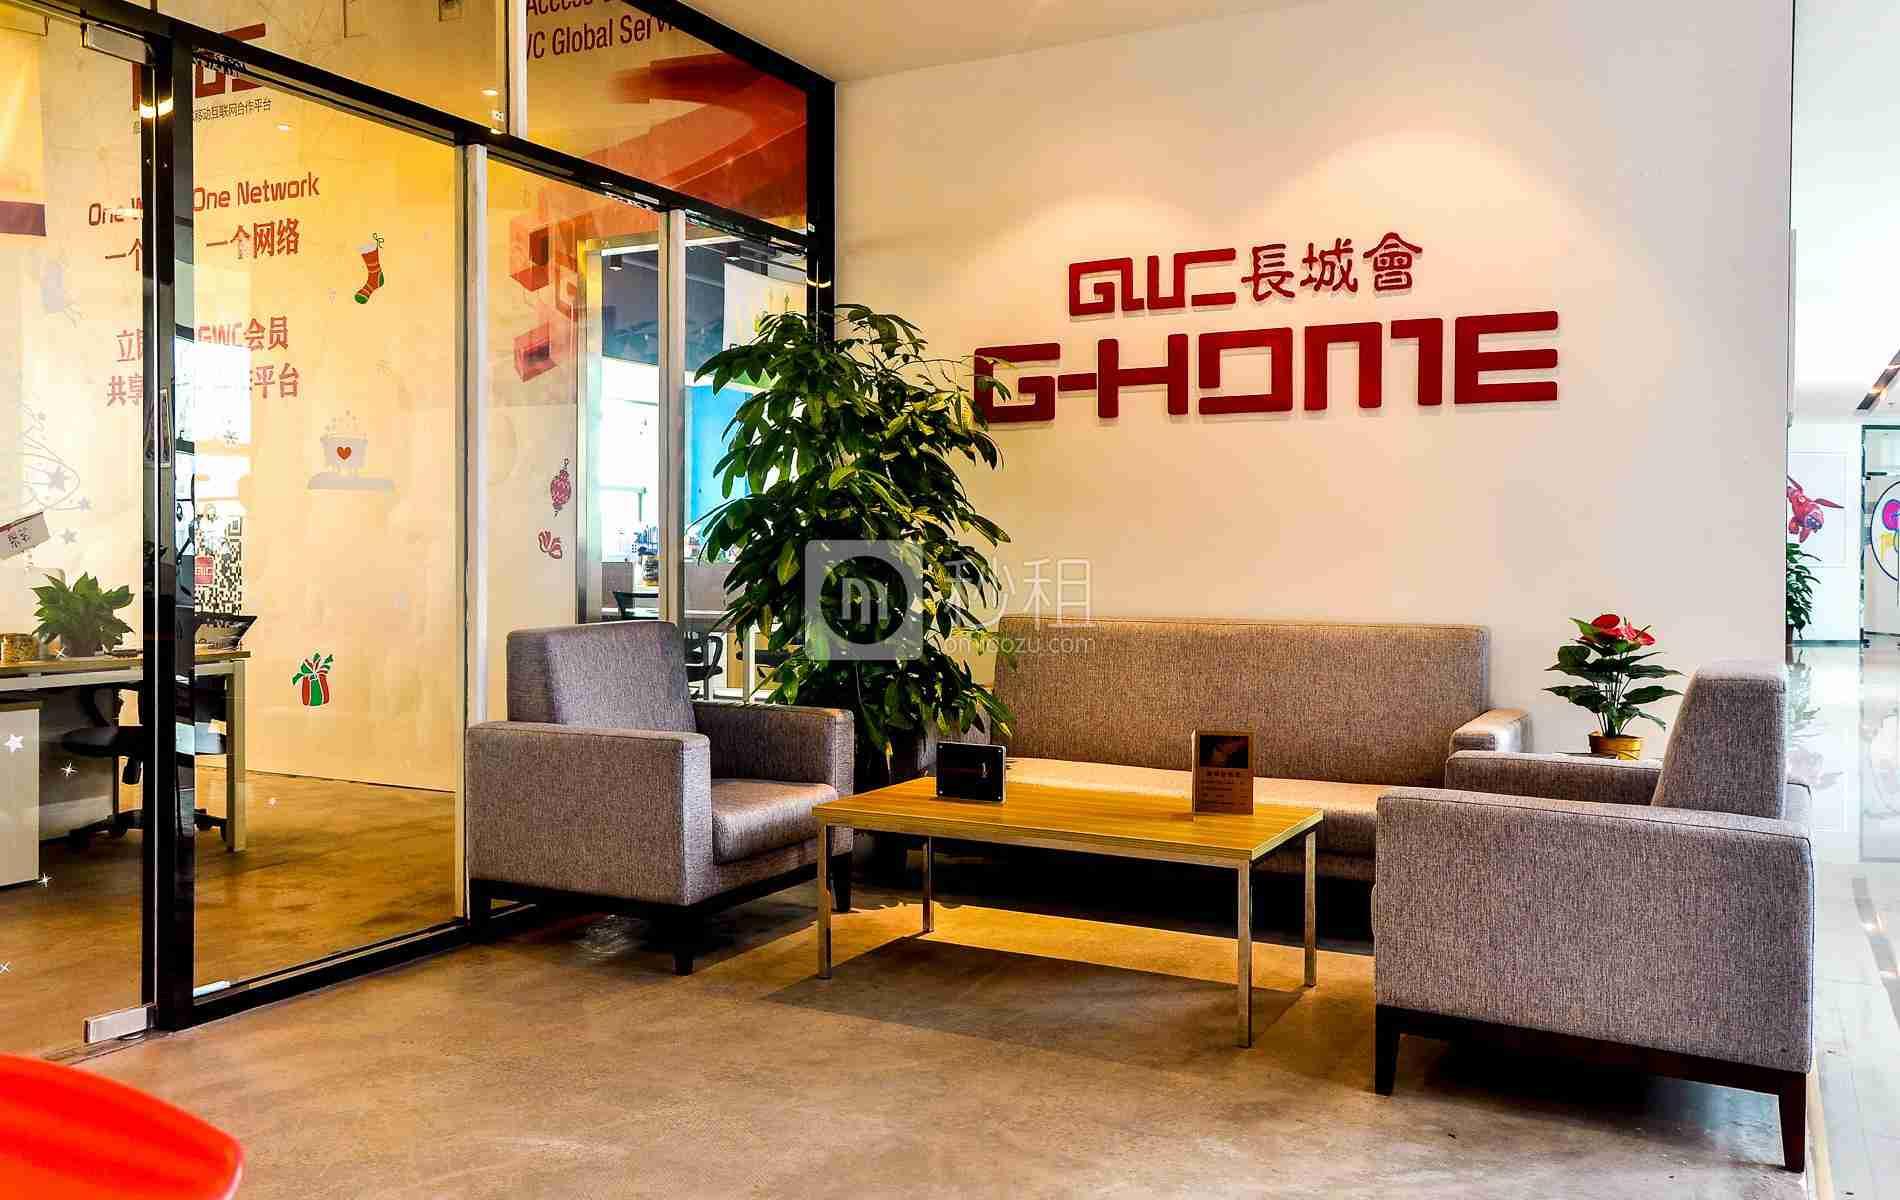 轻轻办-长城会GHome写字楼出租/招租/租赁,轻轻办-长城会GHome办公室出租/招租/租赁